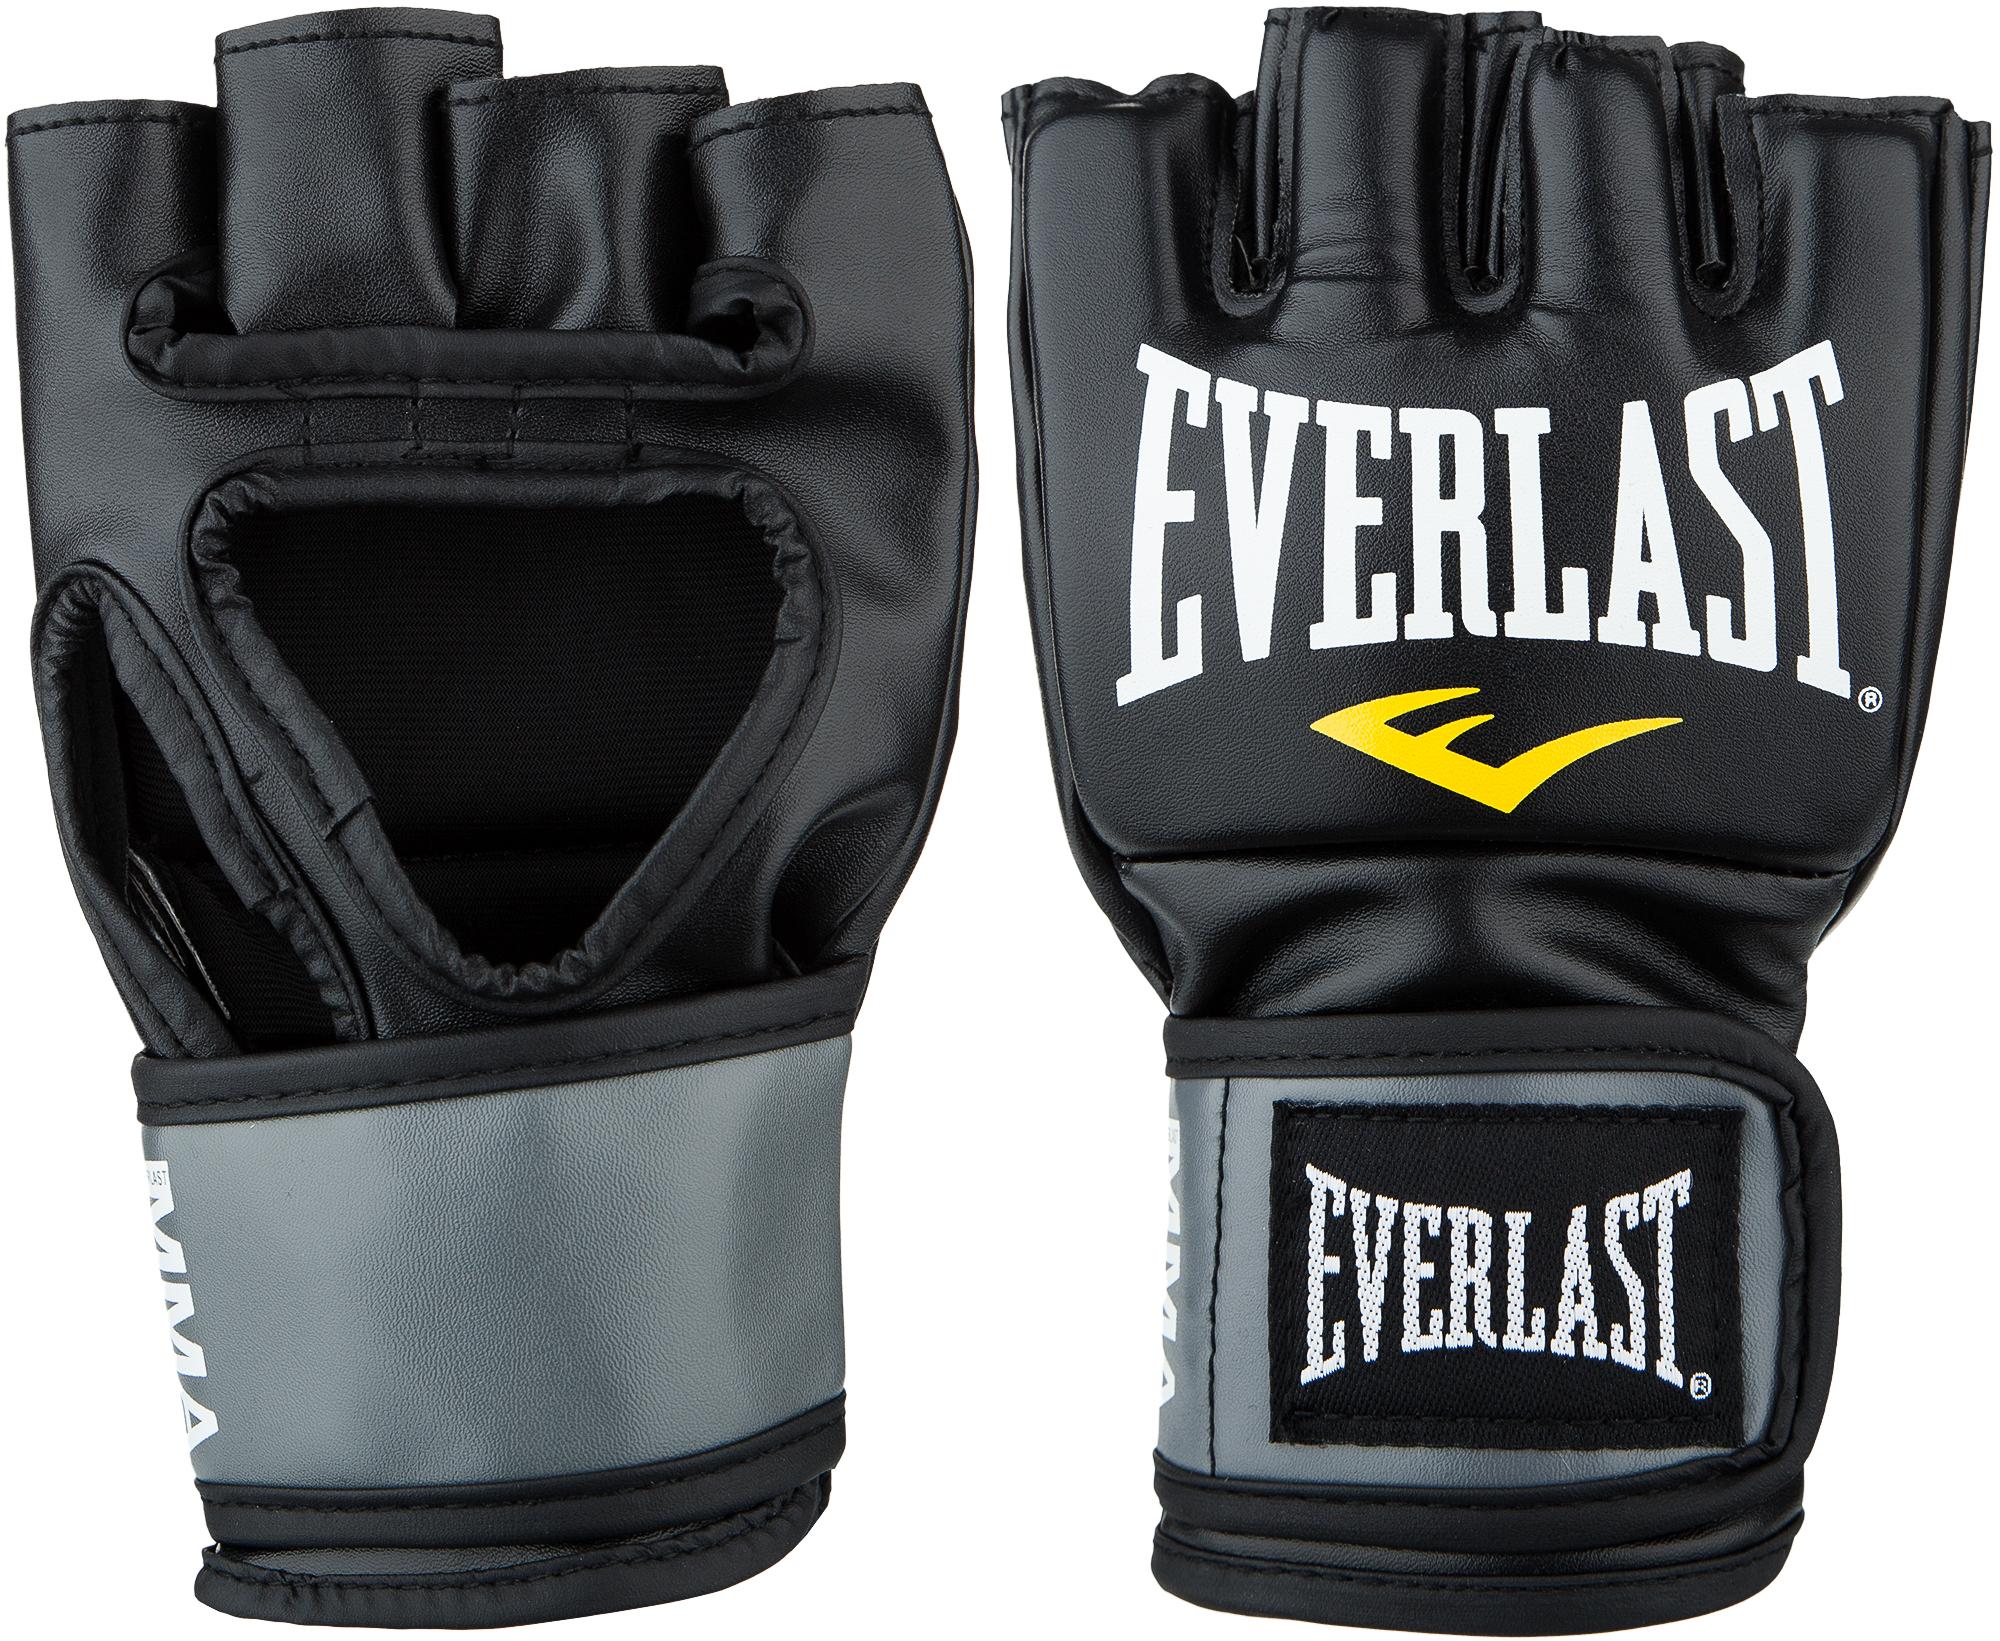 цена на Everlast Перчатки тренировочные Everlast, размер S-M